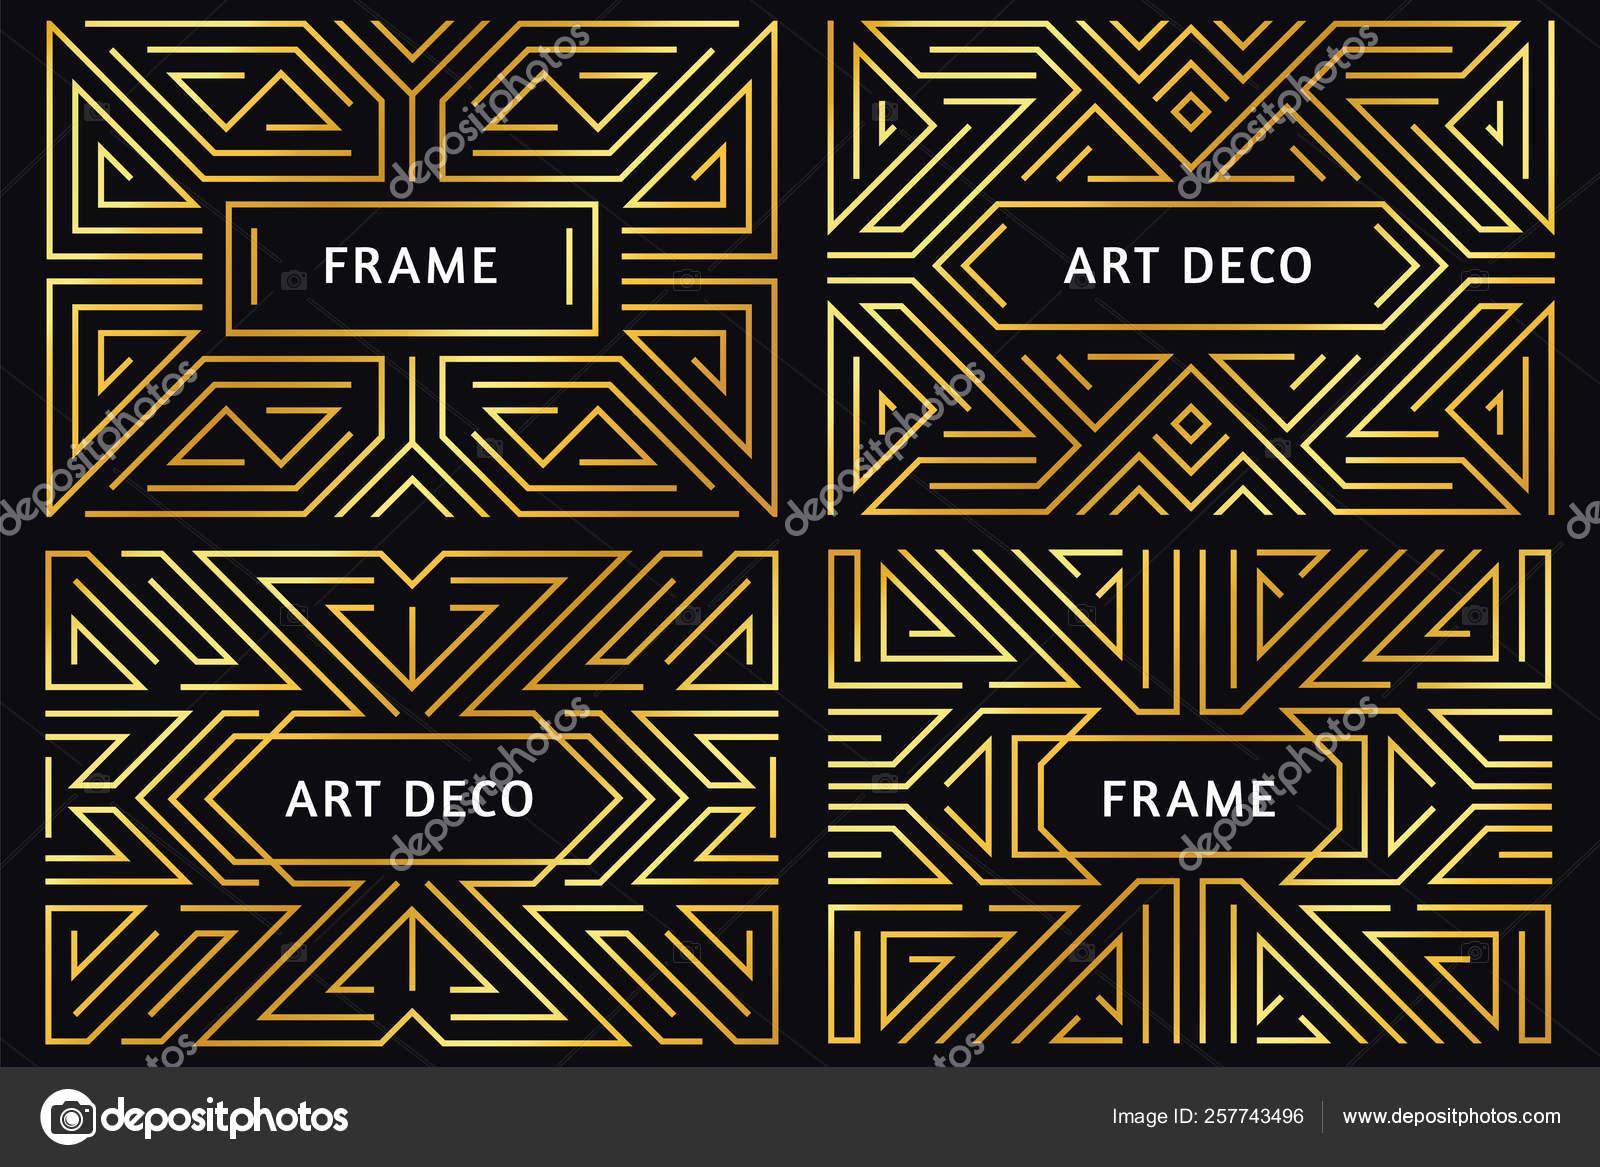 Art Deco Frames Vintage Golden Line Border Decorative Gold